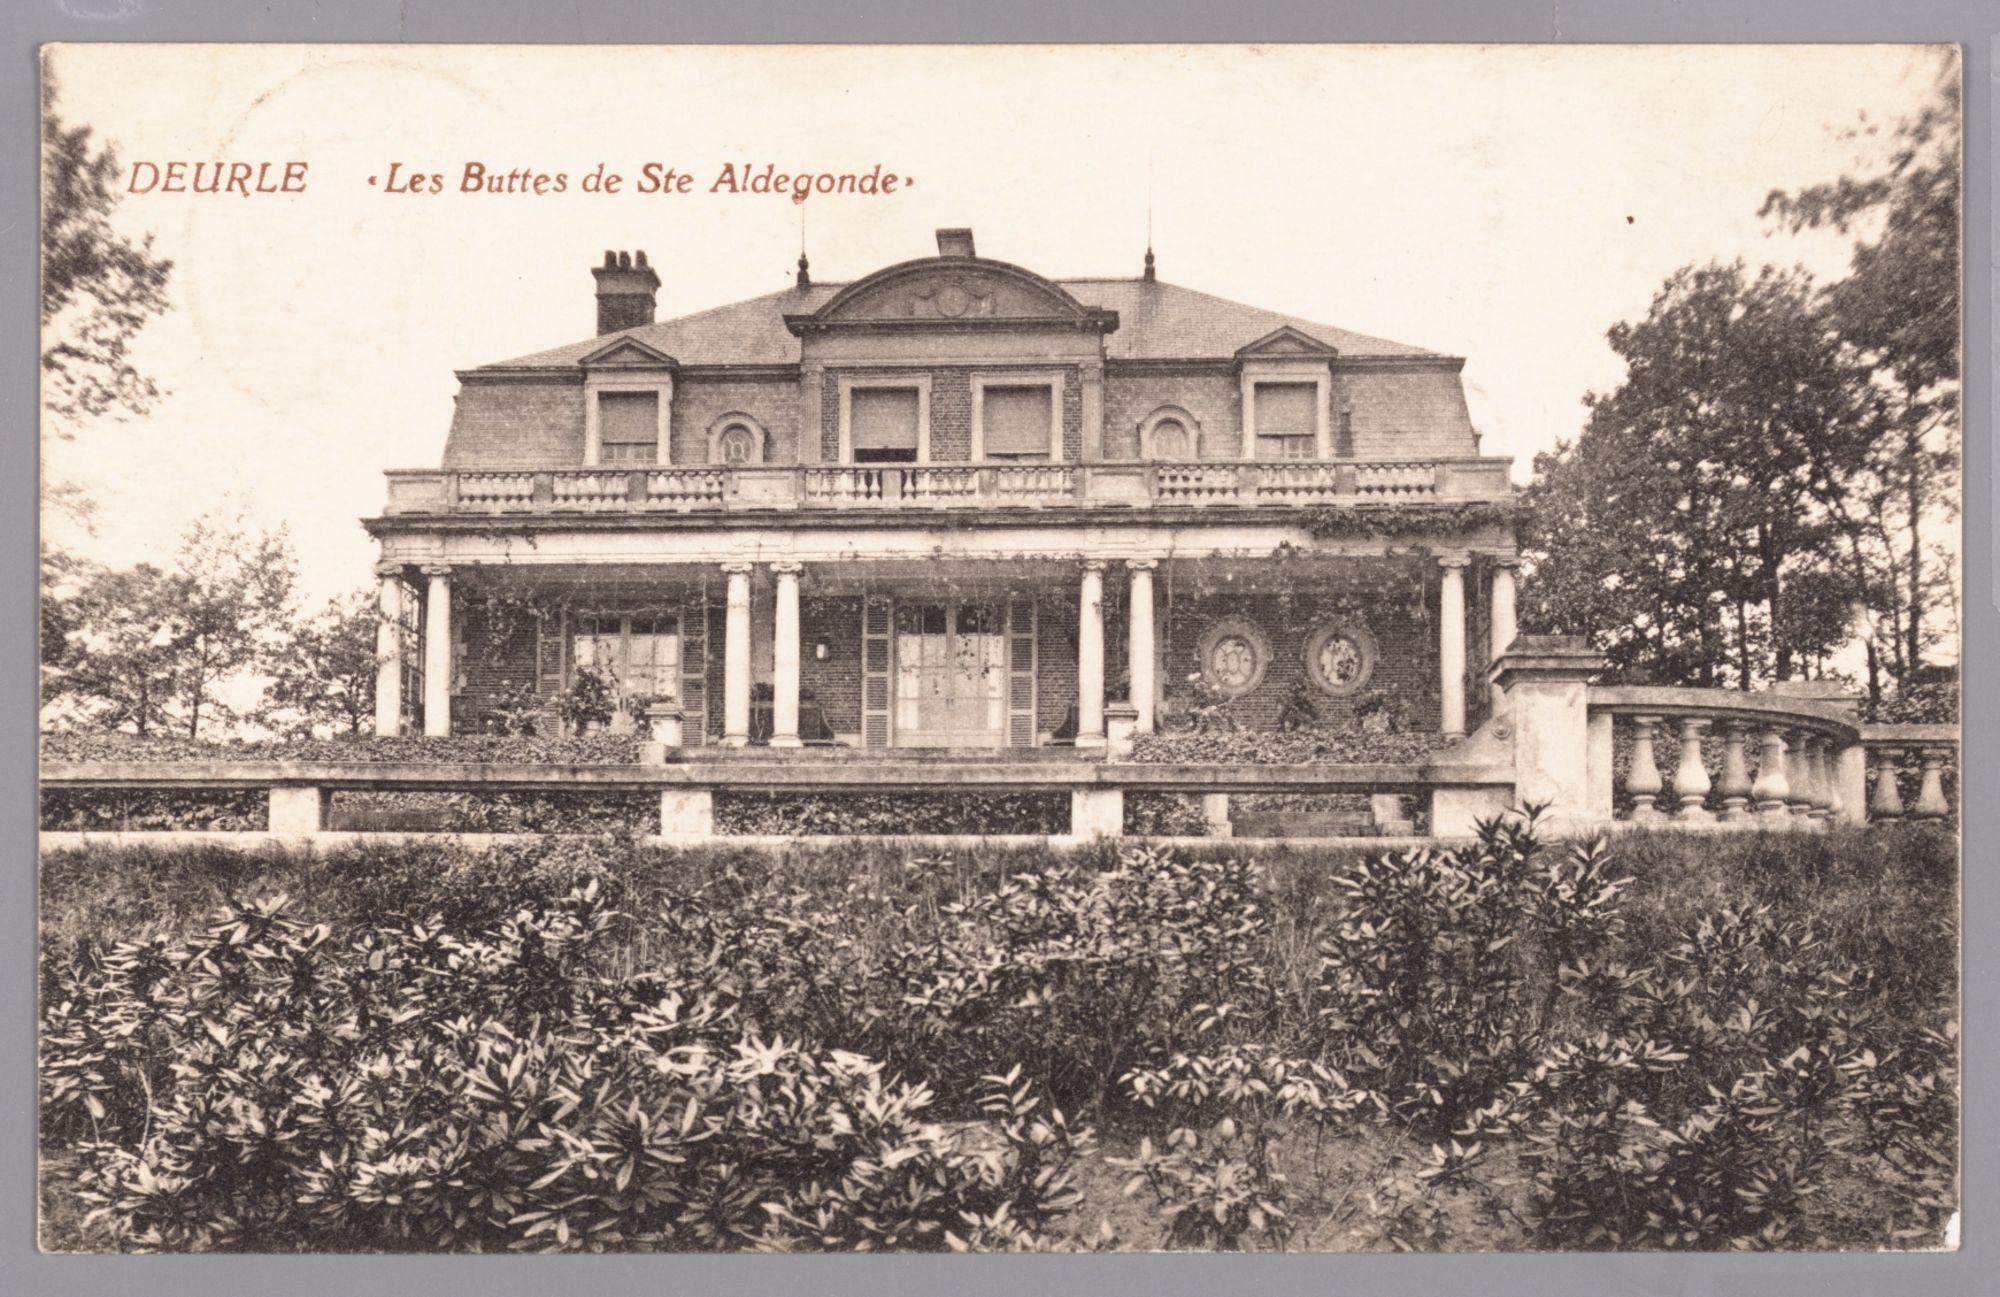 Deurle: villa Les Buttes de Ste Aldegonde